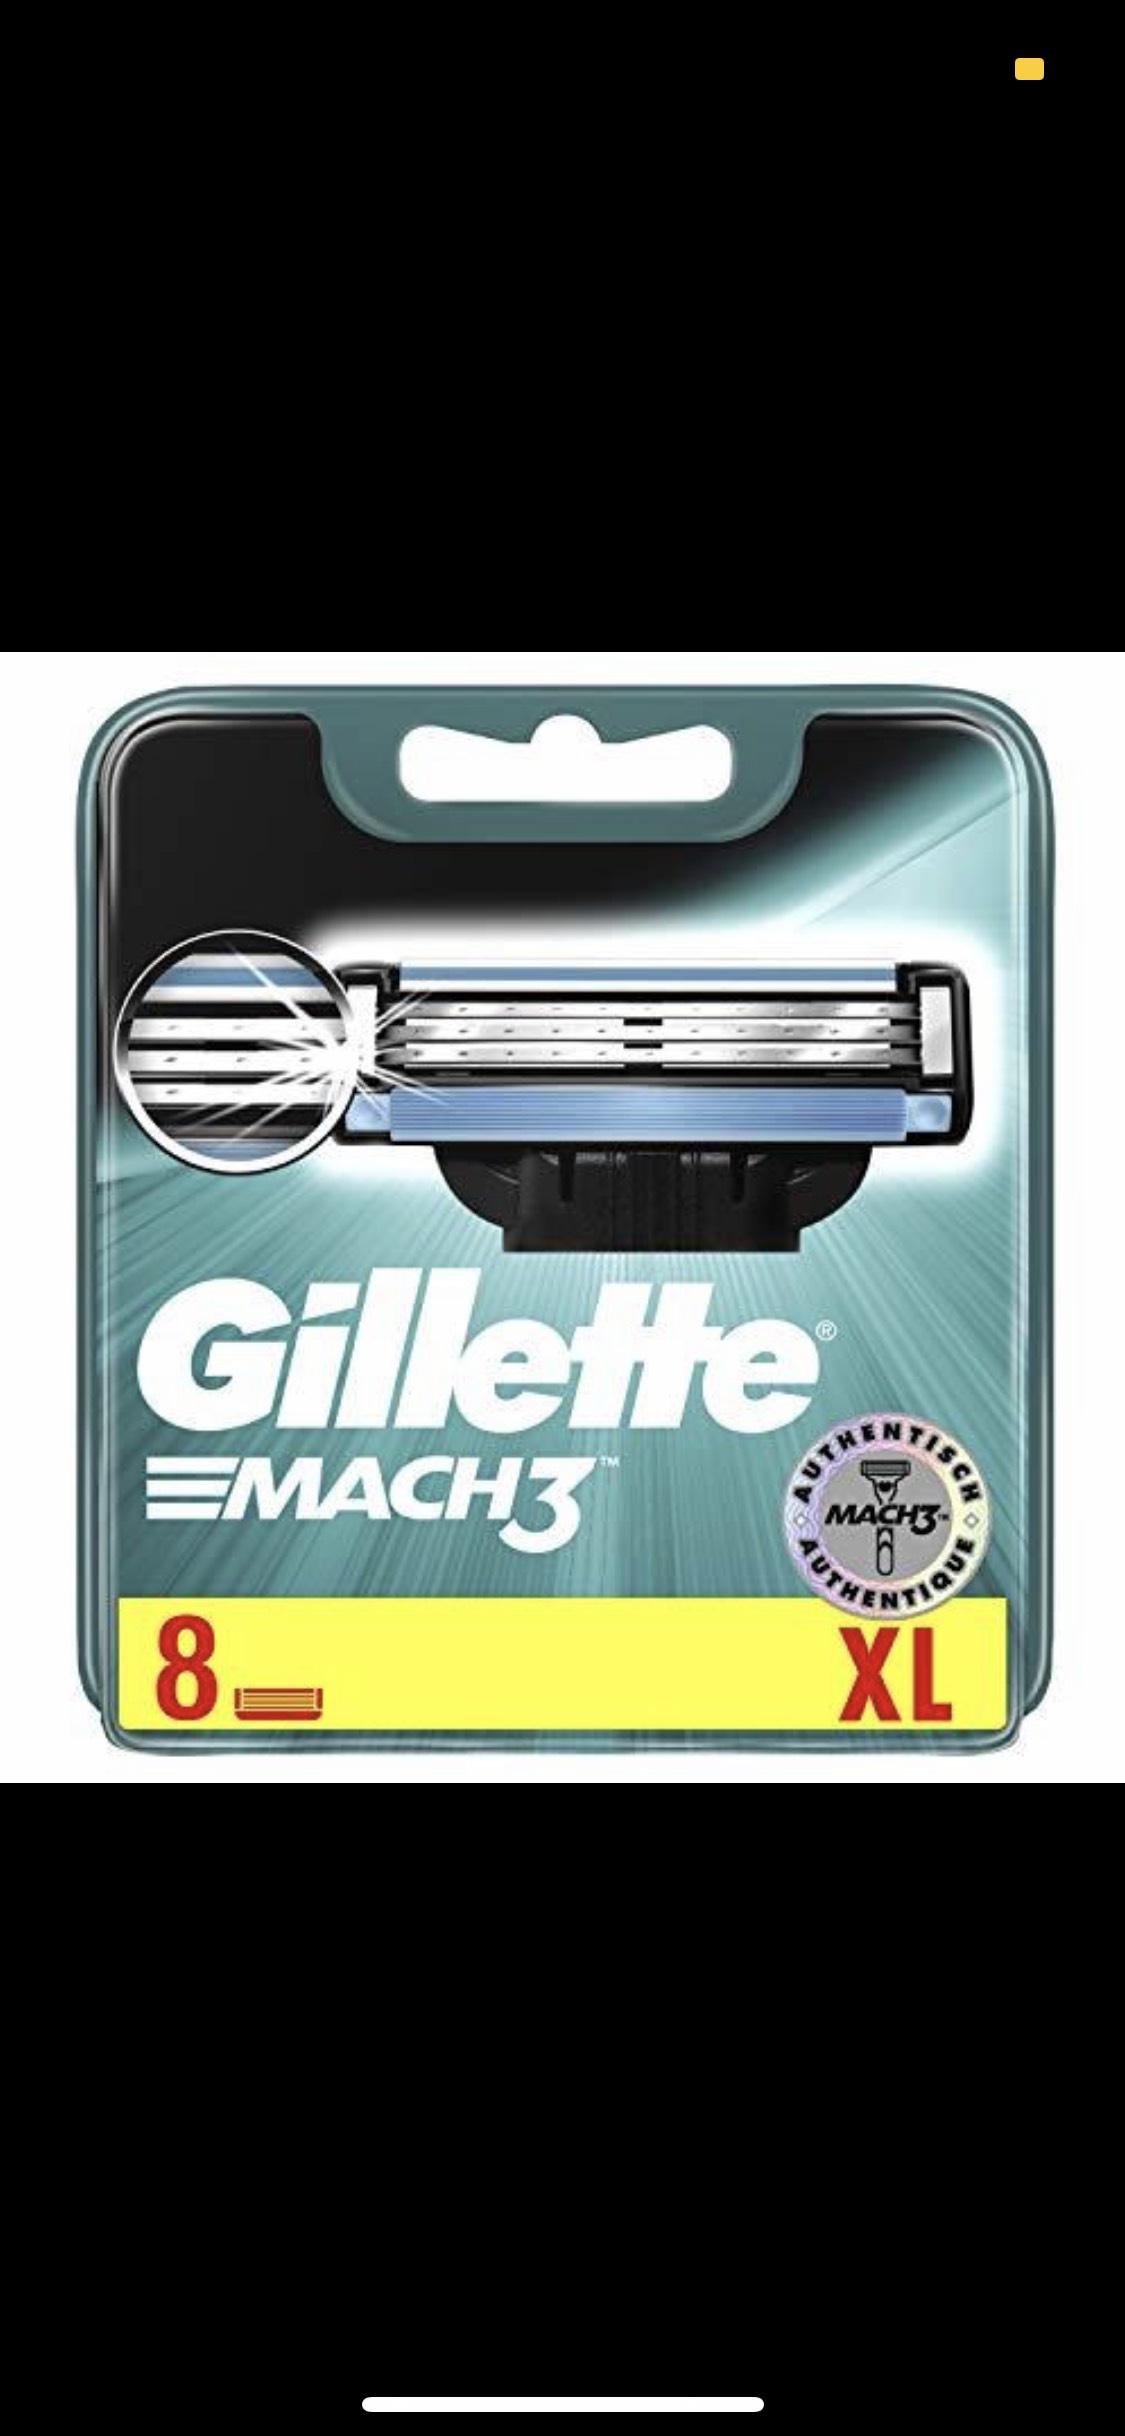 Gillette Mach3 Klingen 8 Stk. für 12,99